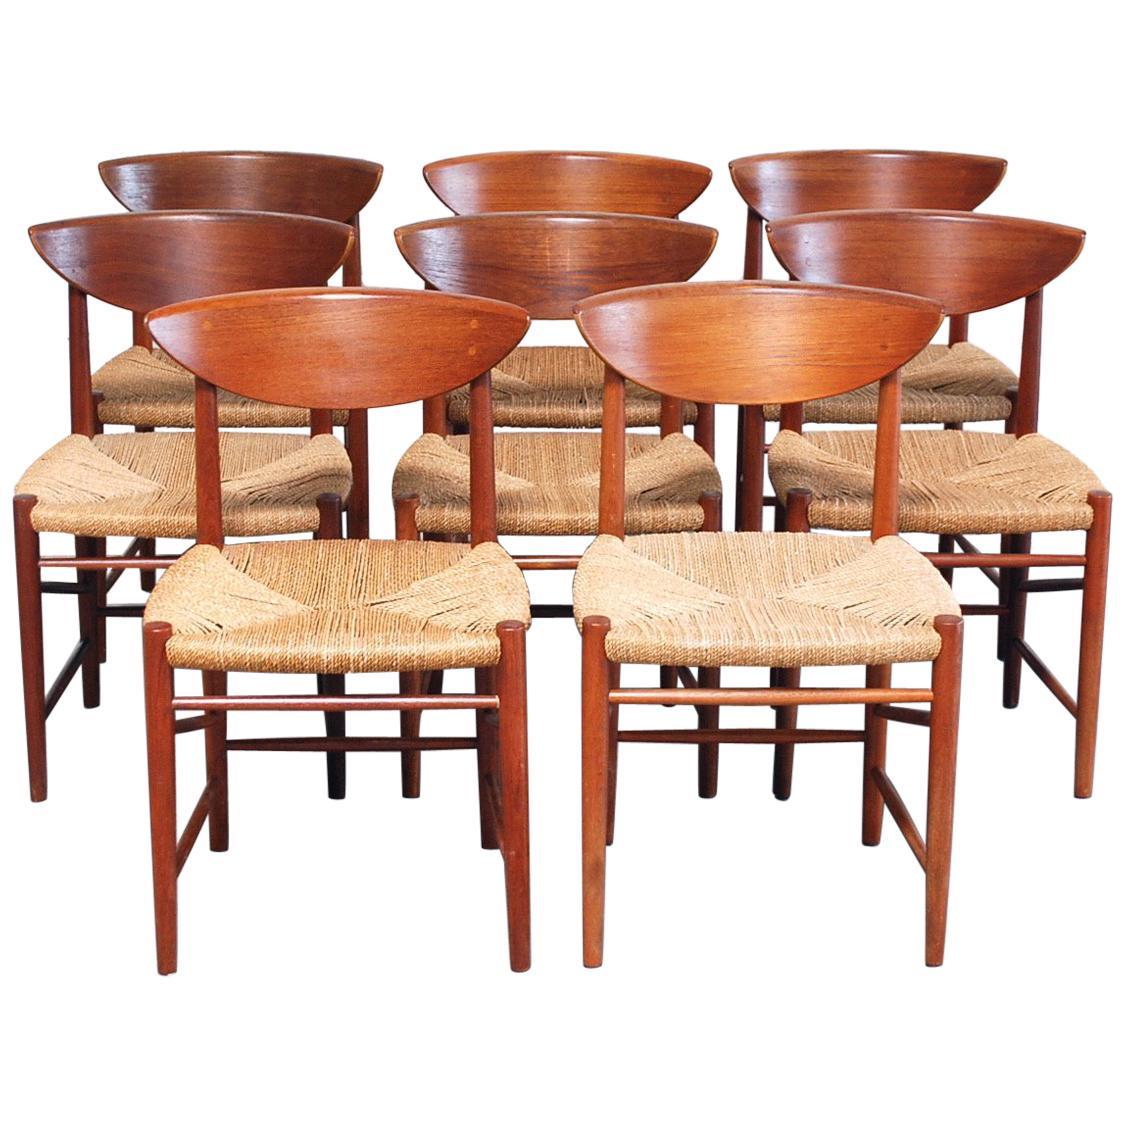 Peter Hvidt and Orla Mølgaard Nielsen 8 Teak Dining Chairs Model 316 for Soborg